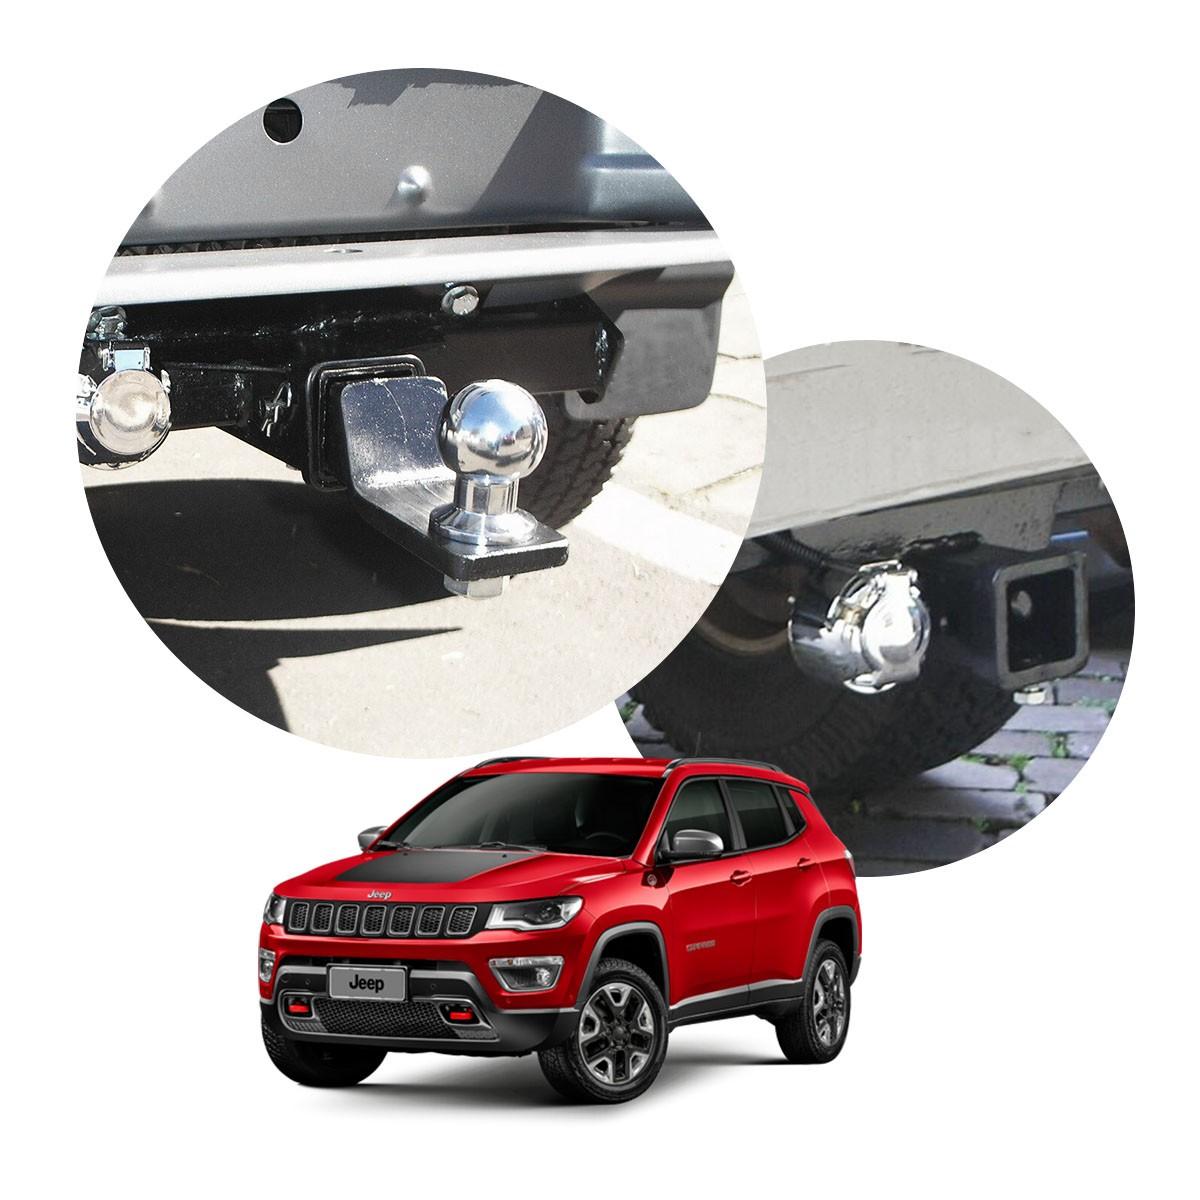 Engate de reboque removível Jeep Compass Trailhawk 2017 a 2021